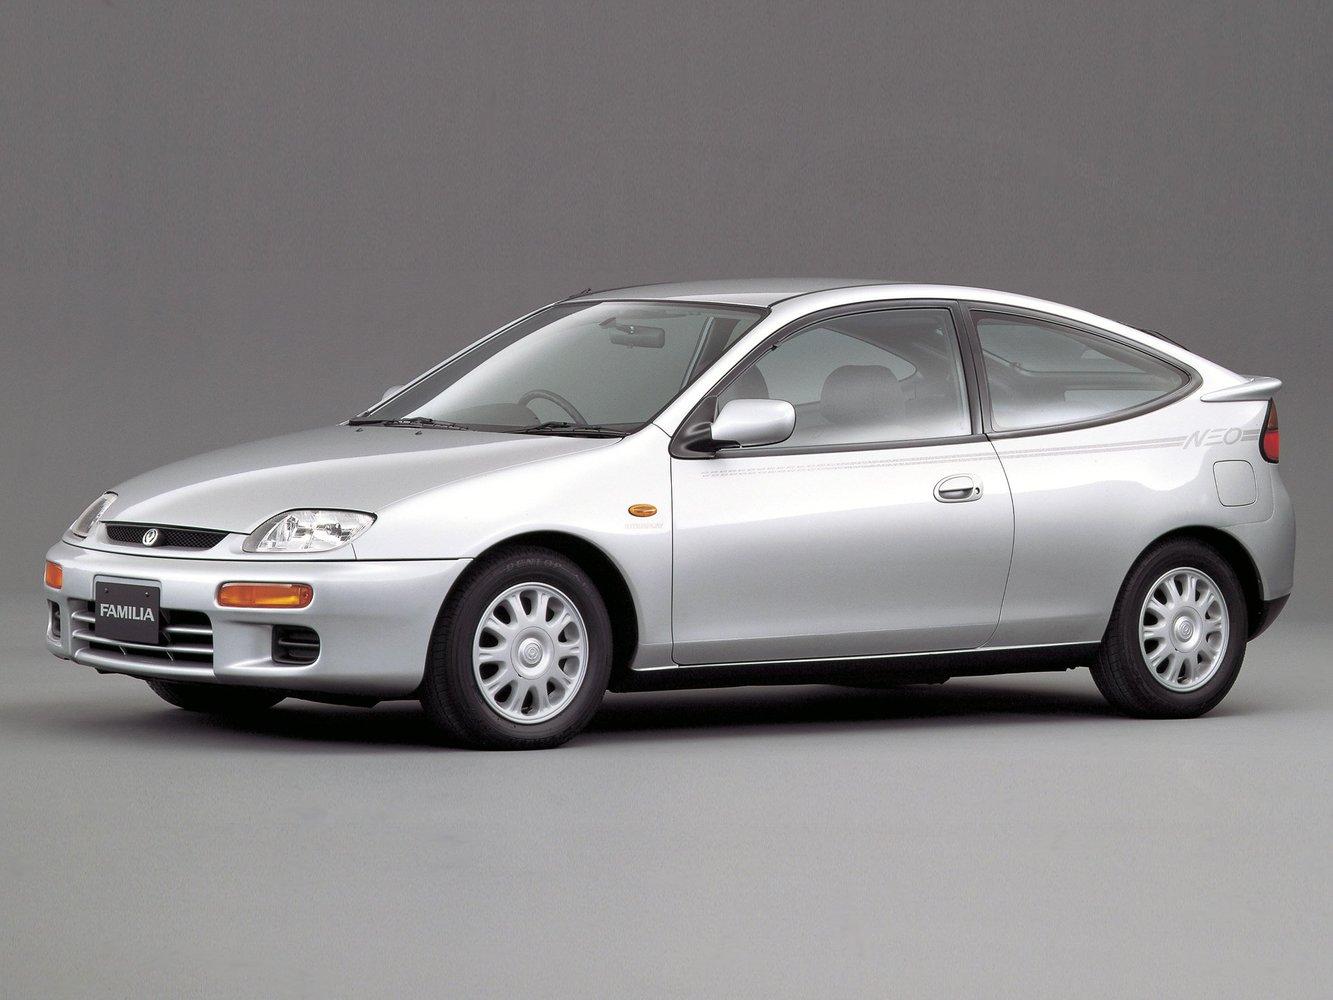 хэтчбек 3 дв. Mazda Familia